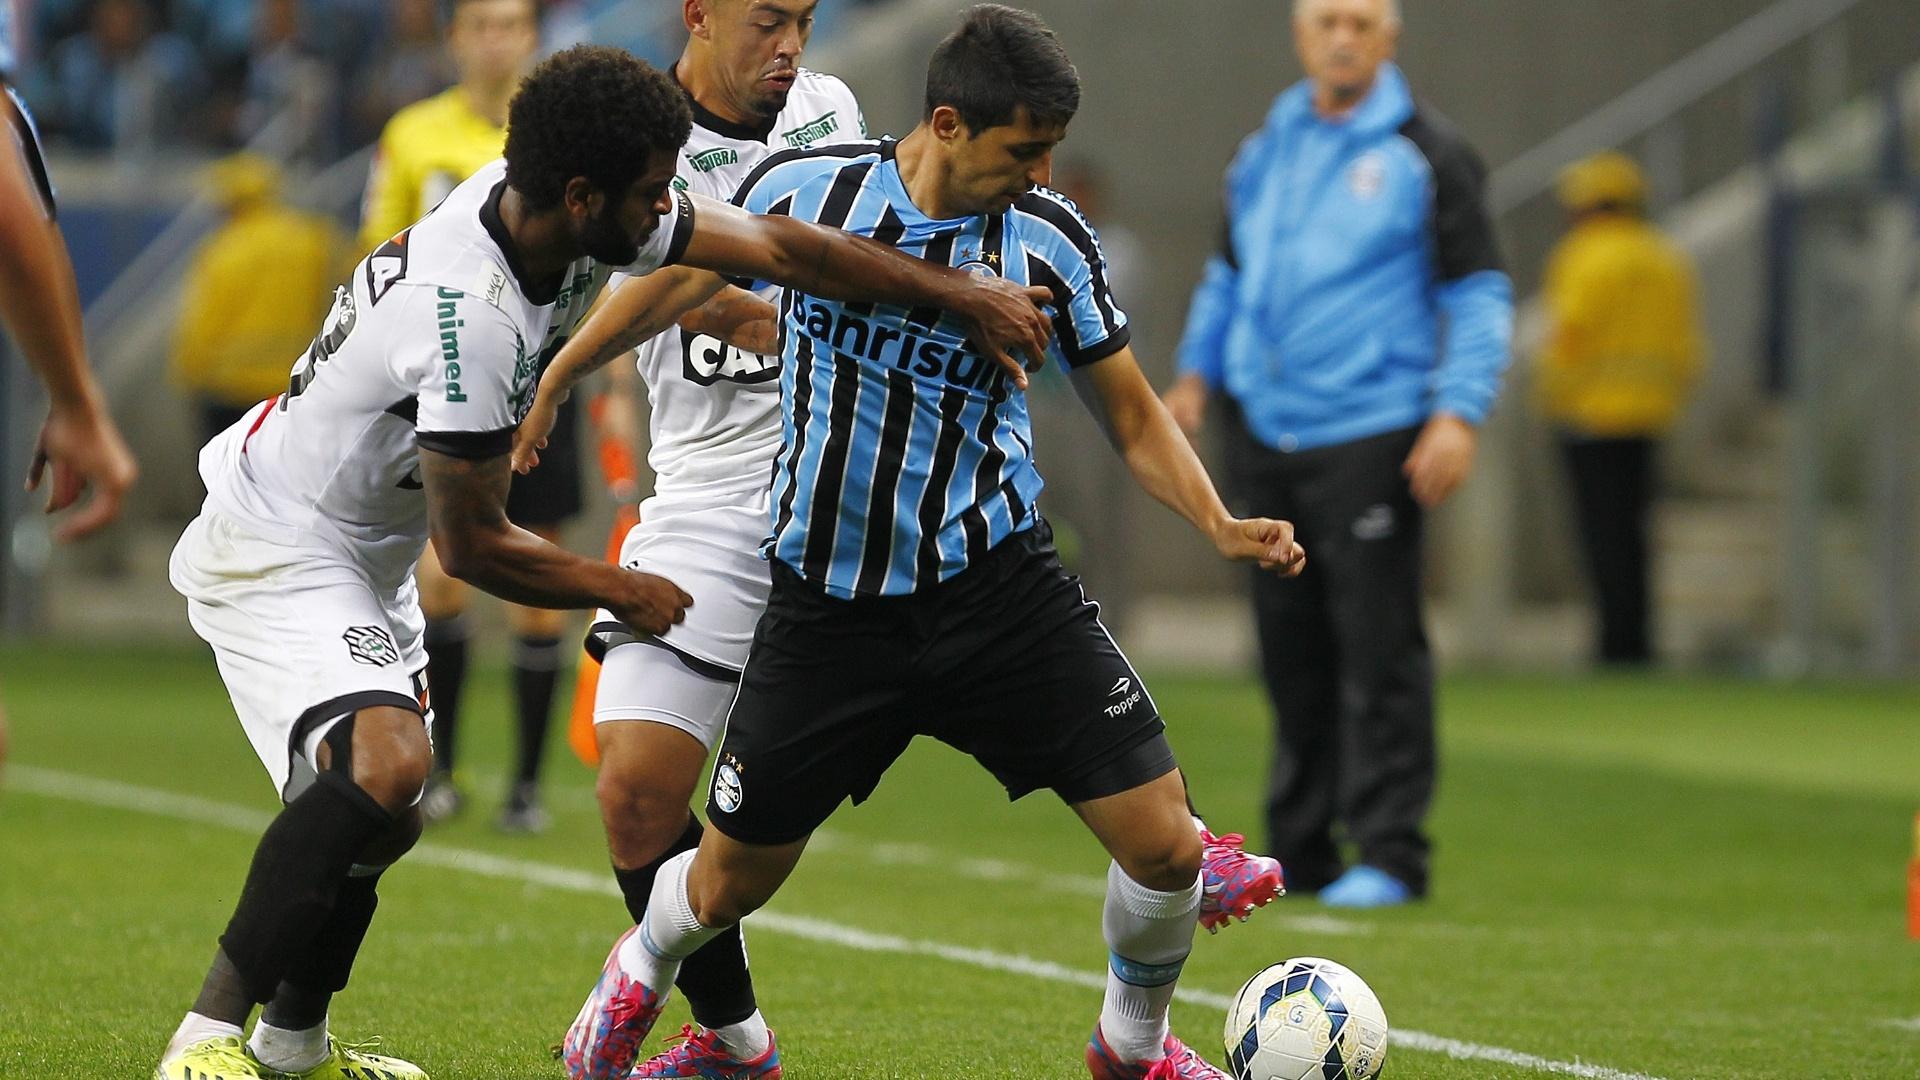 Alan Ruiz, do Grêmio, protege a bola da marcação dos jogadores do Coritiba